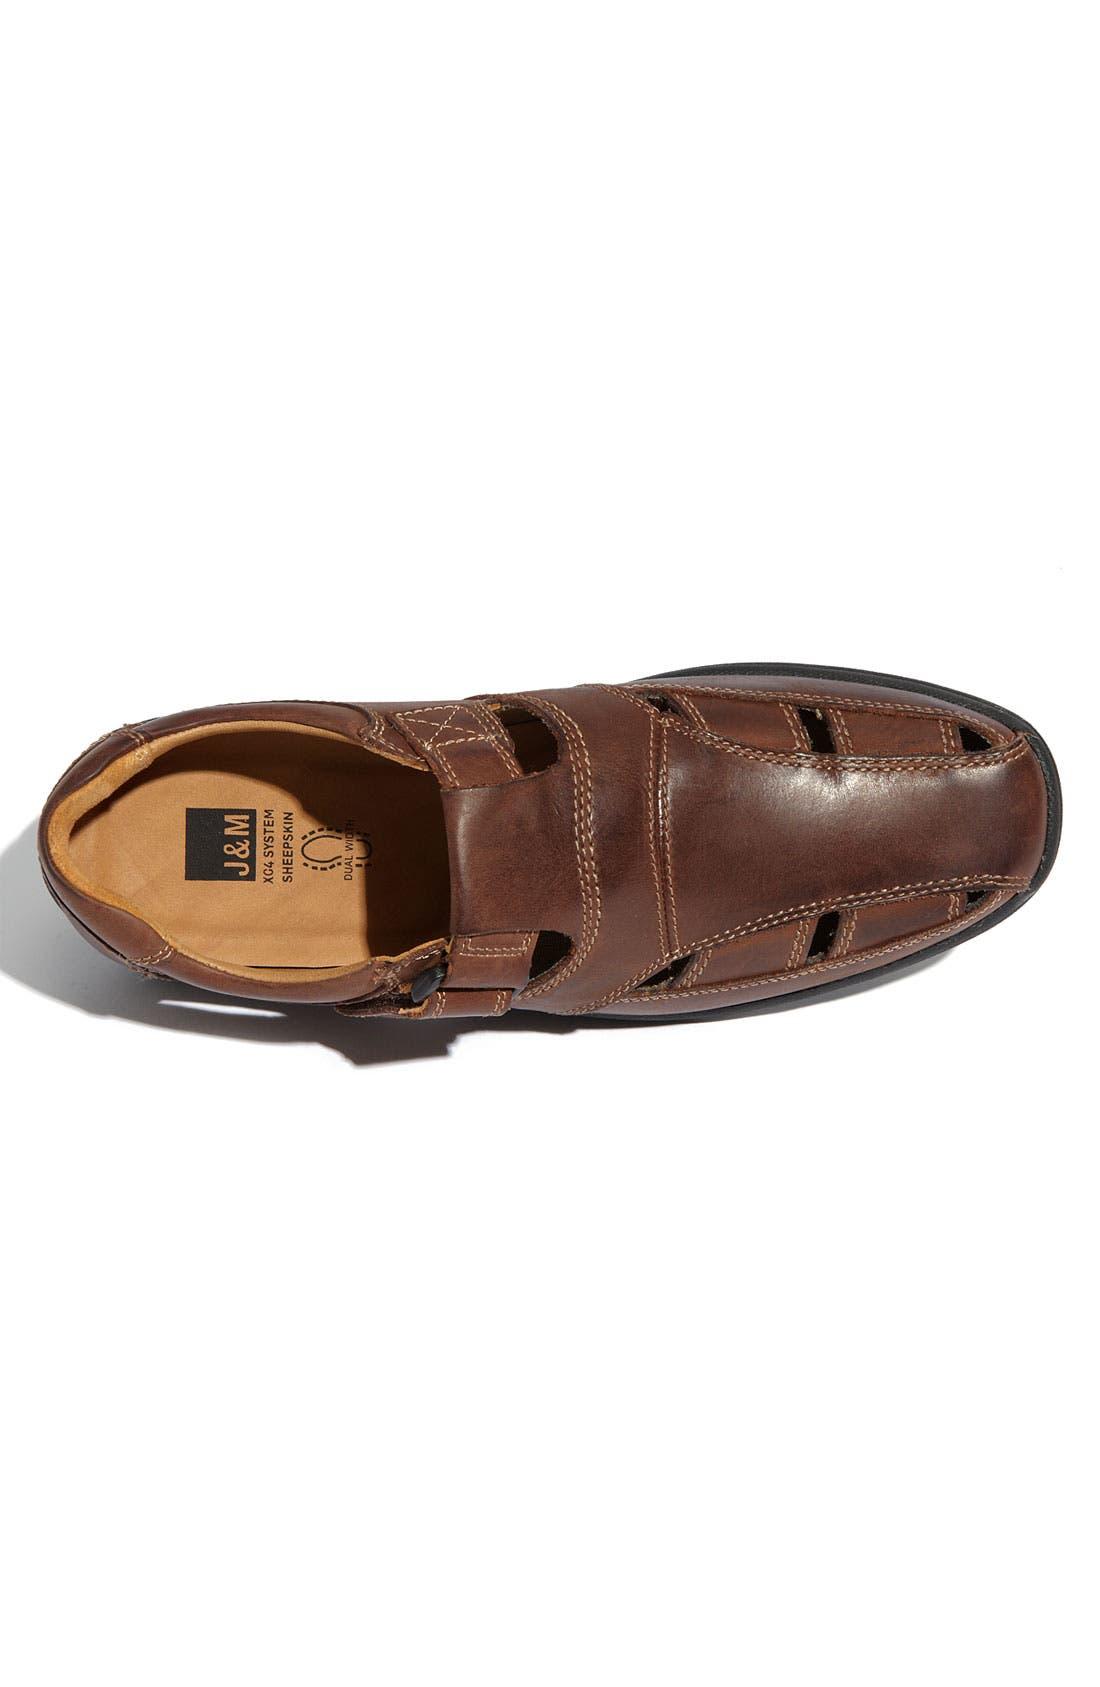 Alternate Image 3  - Johnston & Murphy 'Cammon' Sandal (Online Only)